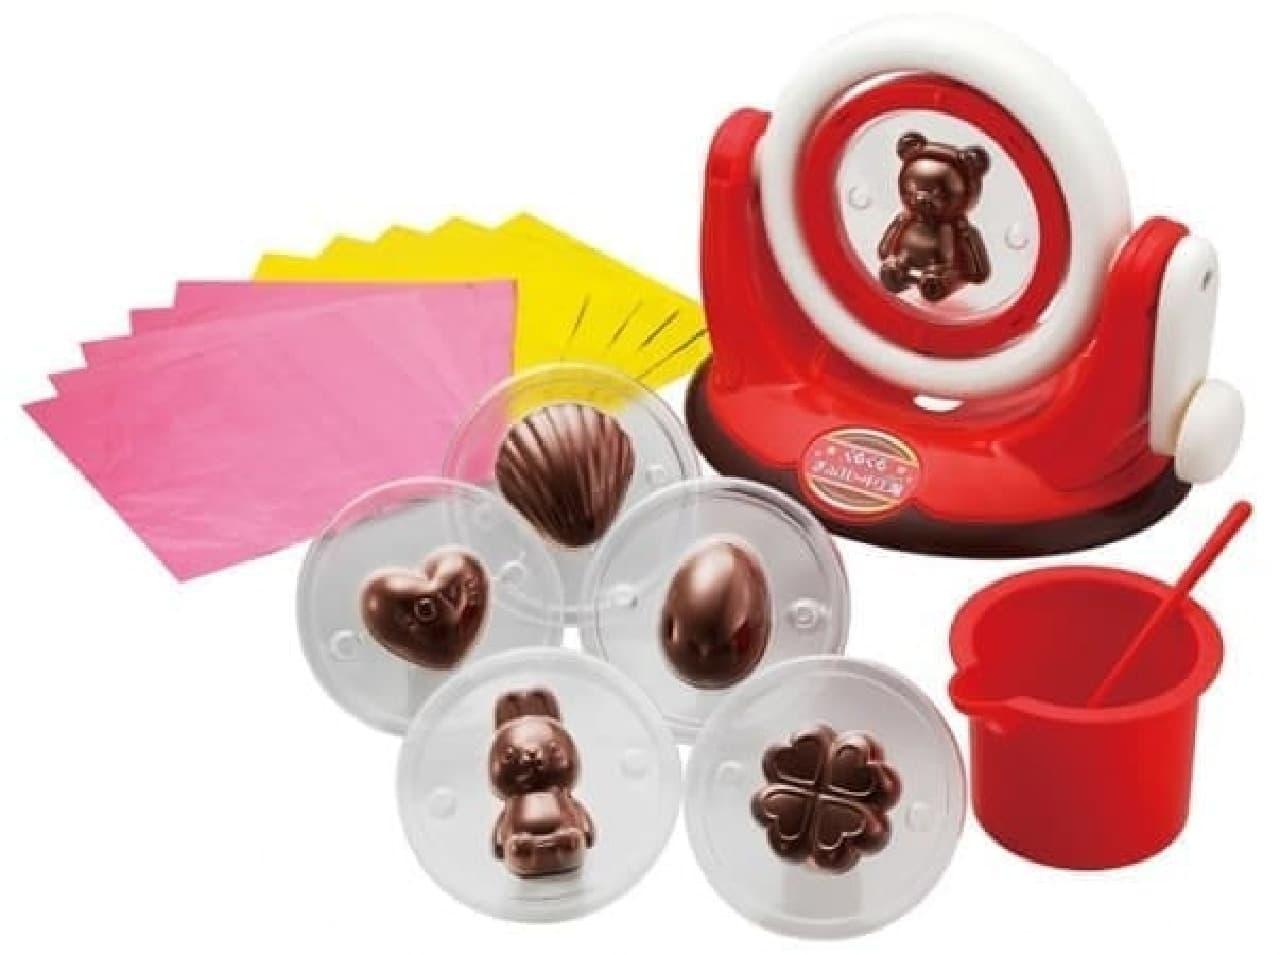 お店みたいな立体チョコが作れちゃう  (C)BANDAI